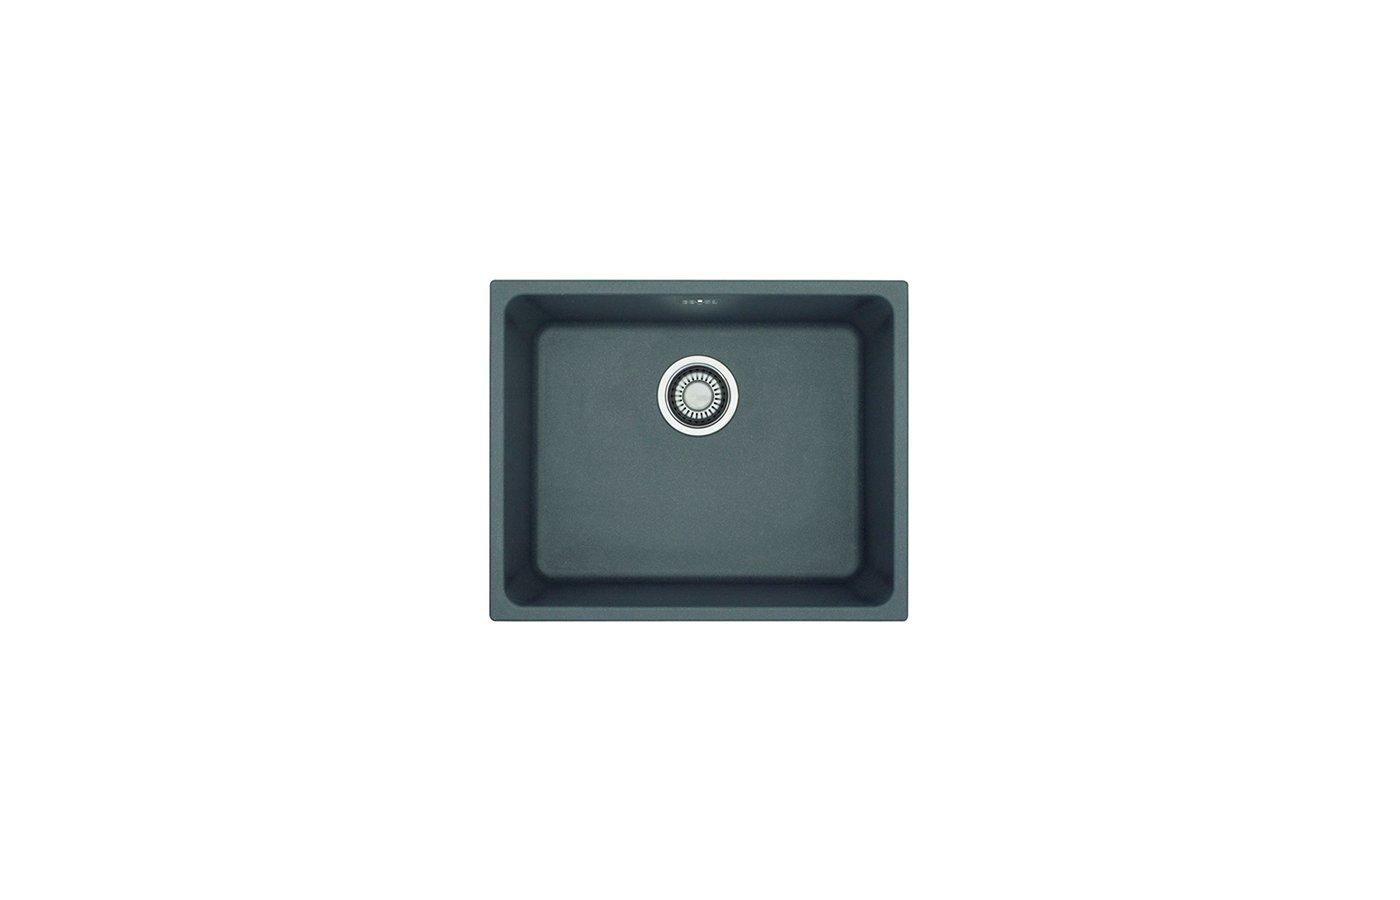 Кухонная мойка FRANKE KBG 110-50 графит